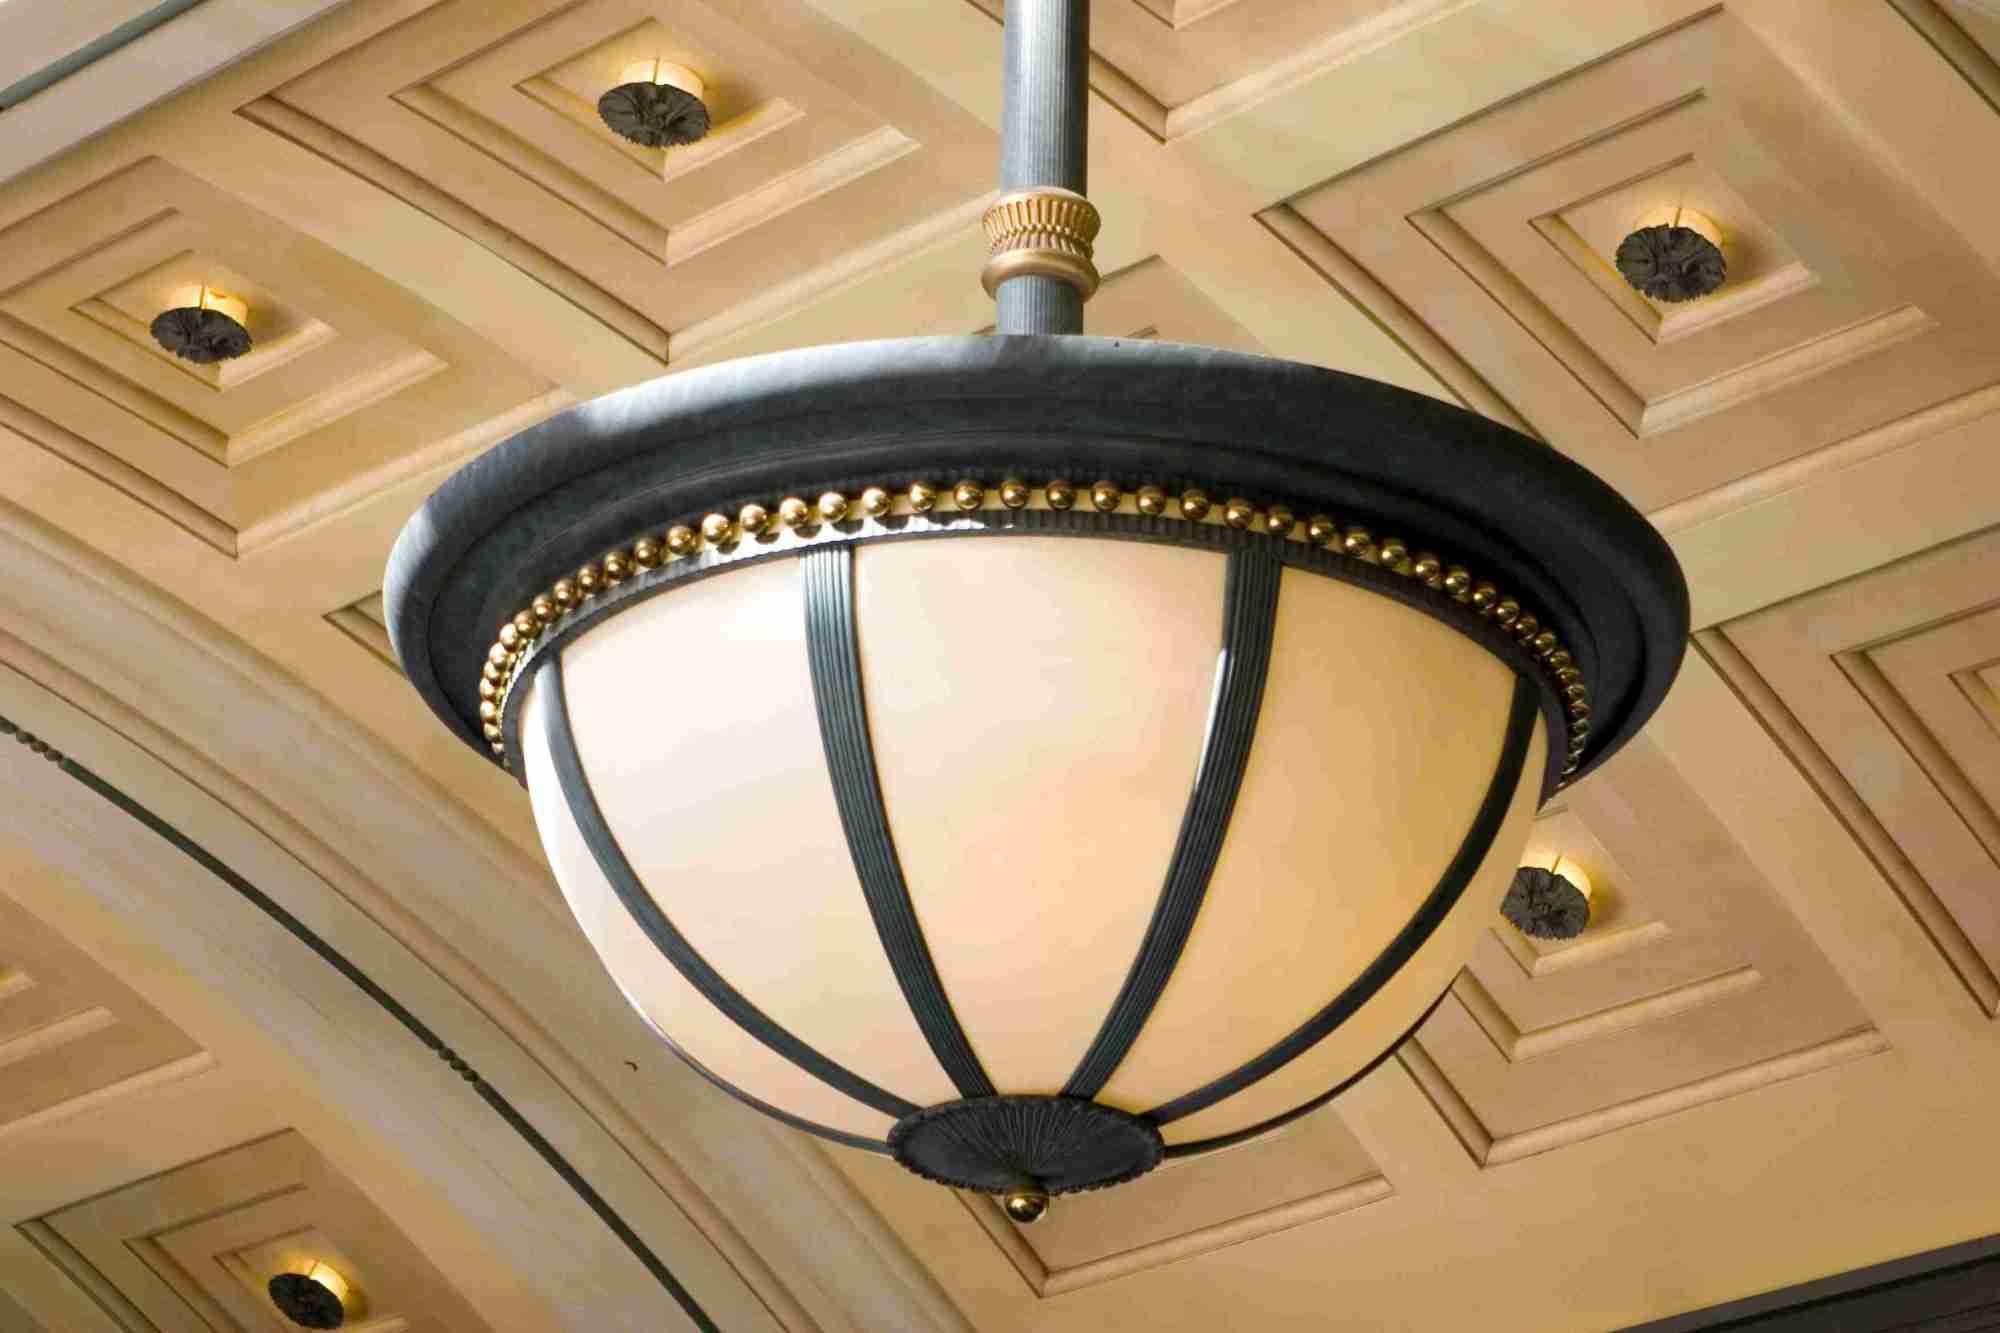 hight resolution of an exterior light fixture